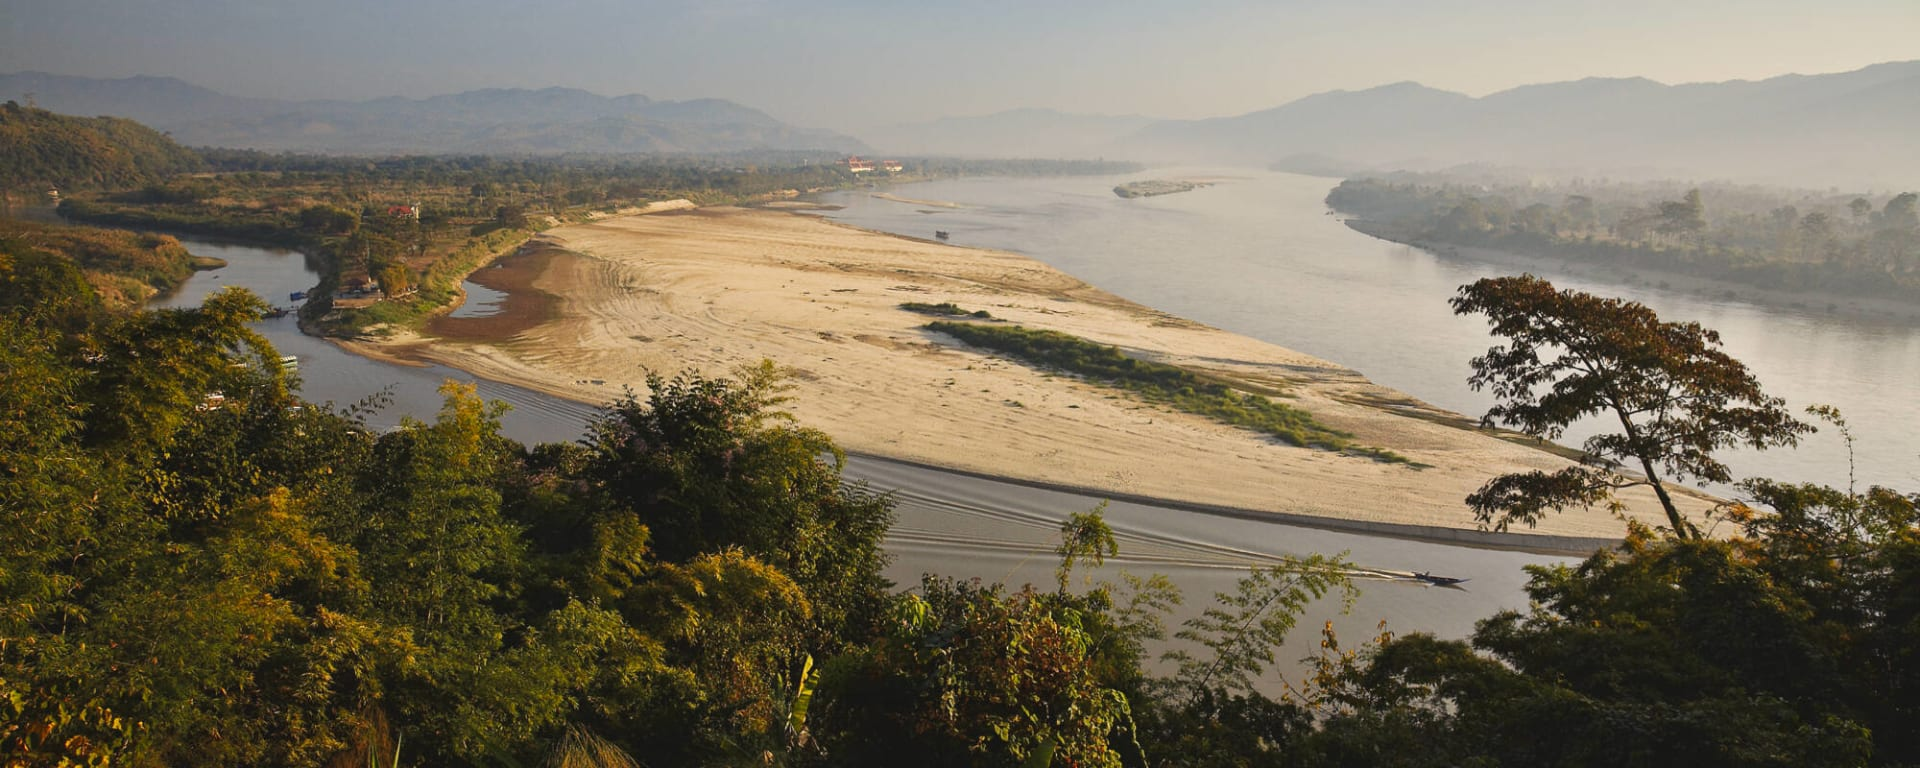 Von Nord-Thailand nach Laos auf dem Mekong ab Chiang Mai: Thailand Nordthailand Mekong Goldenes Dreieck